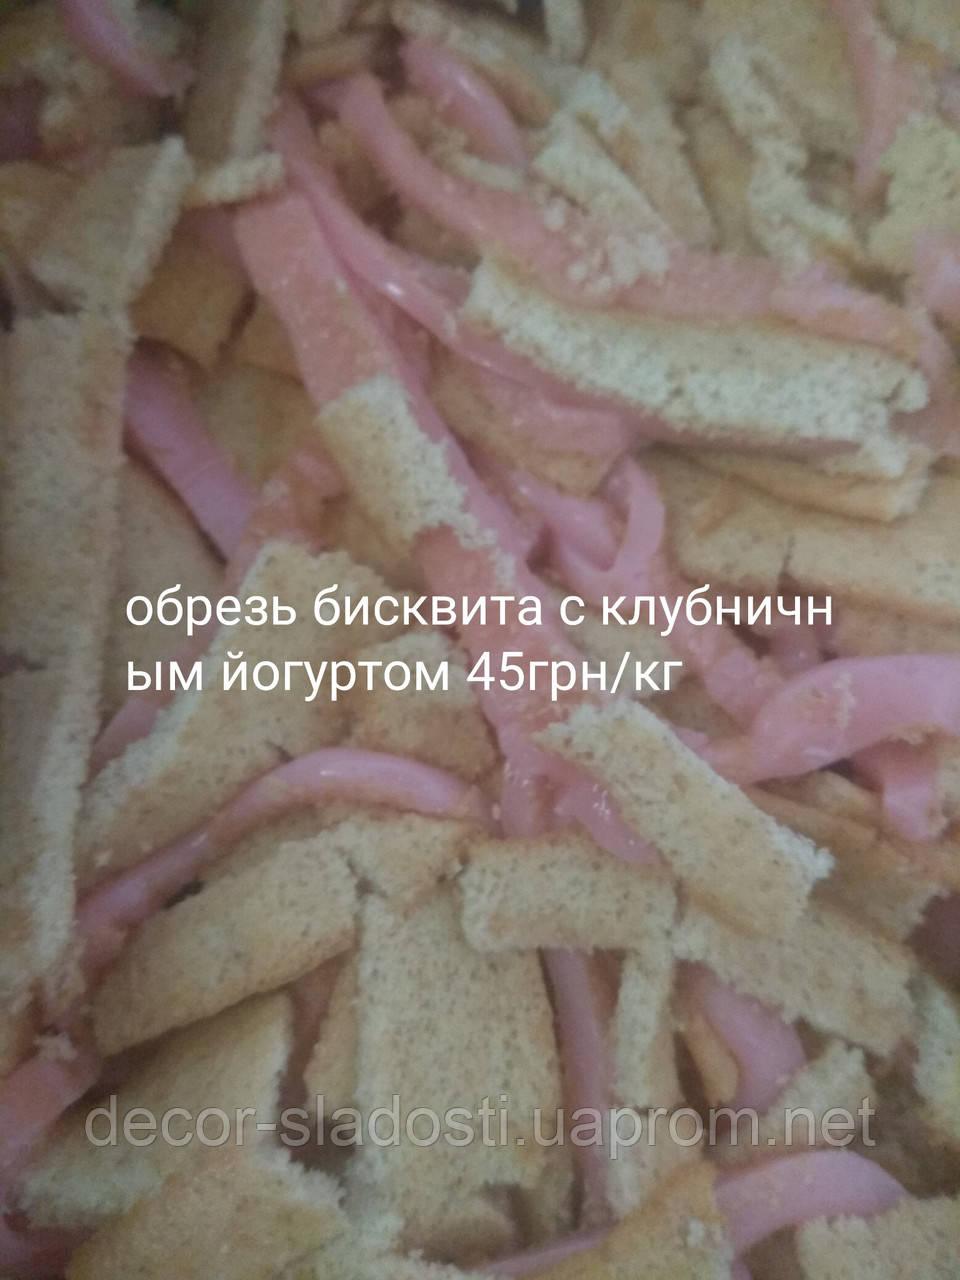 Обрезь бисквита Делюкс